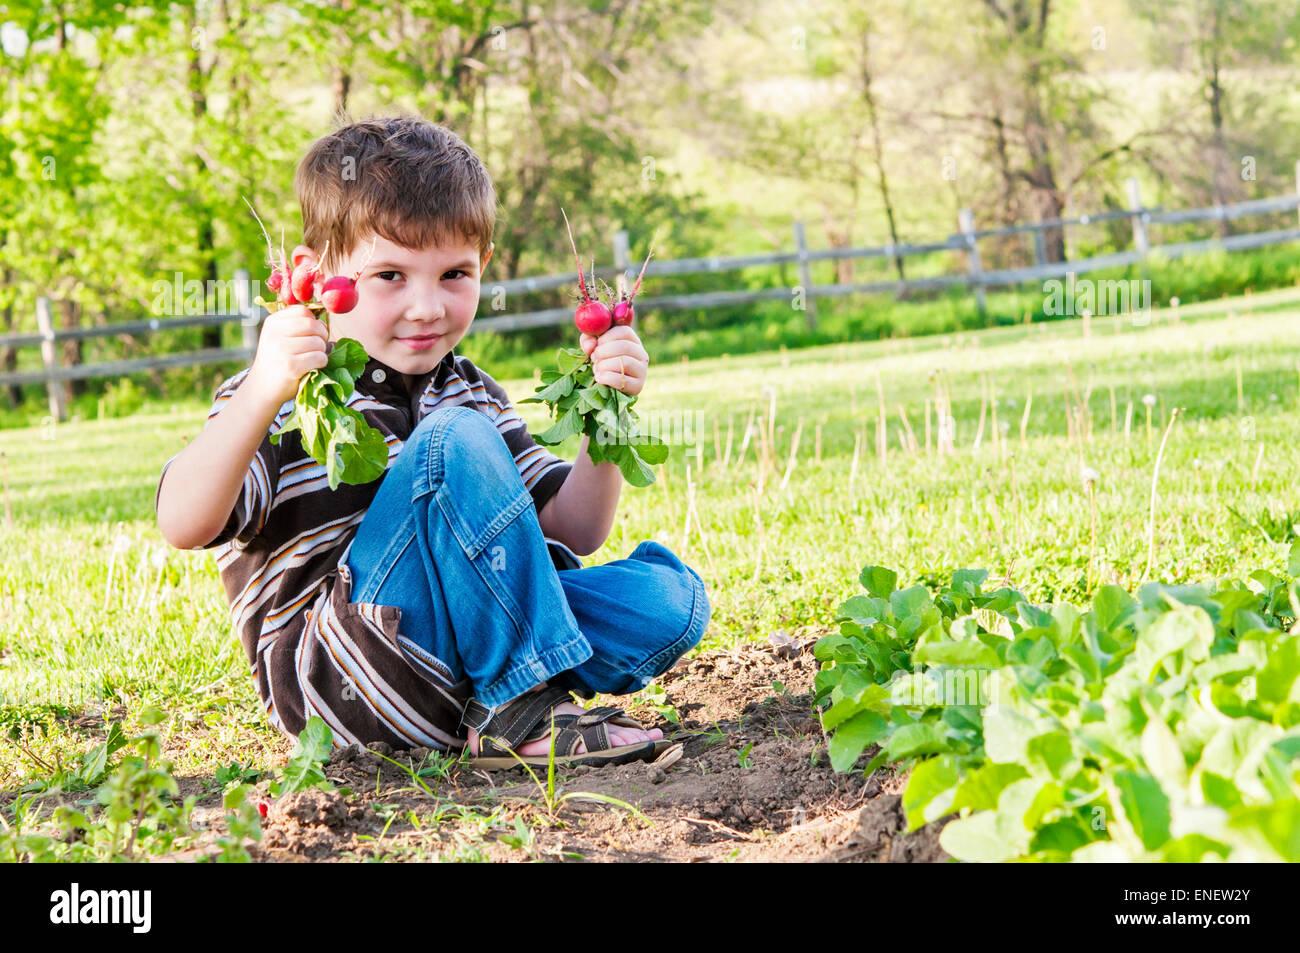 Junge mit Radieschen aus Garten gezogen Stockbild